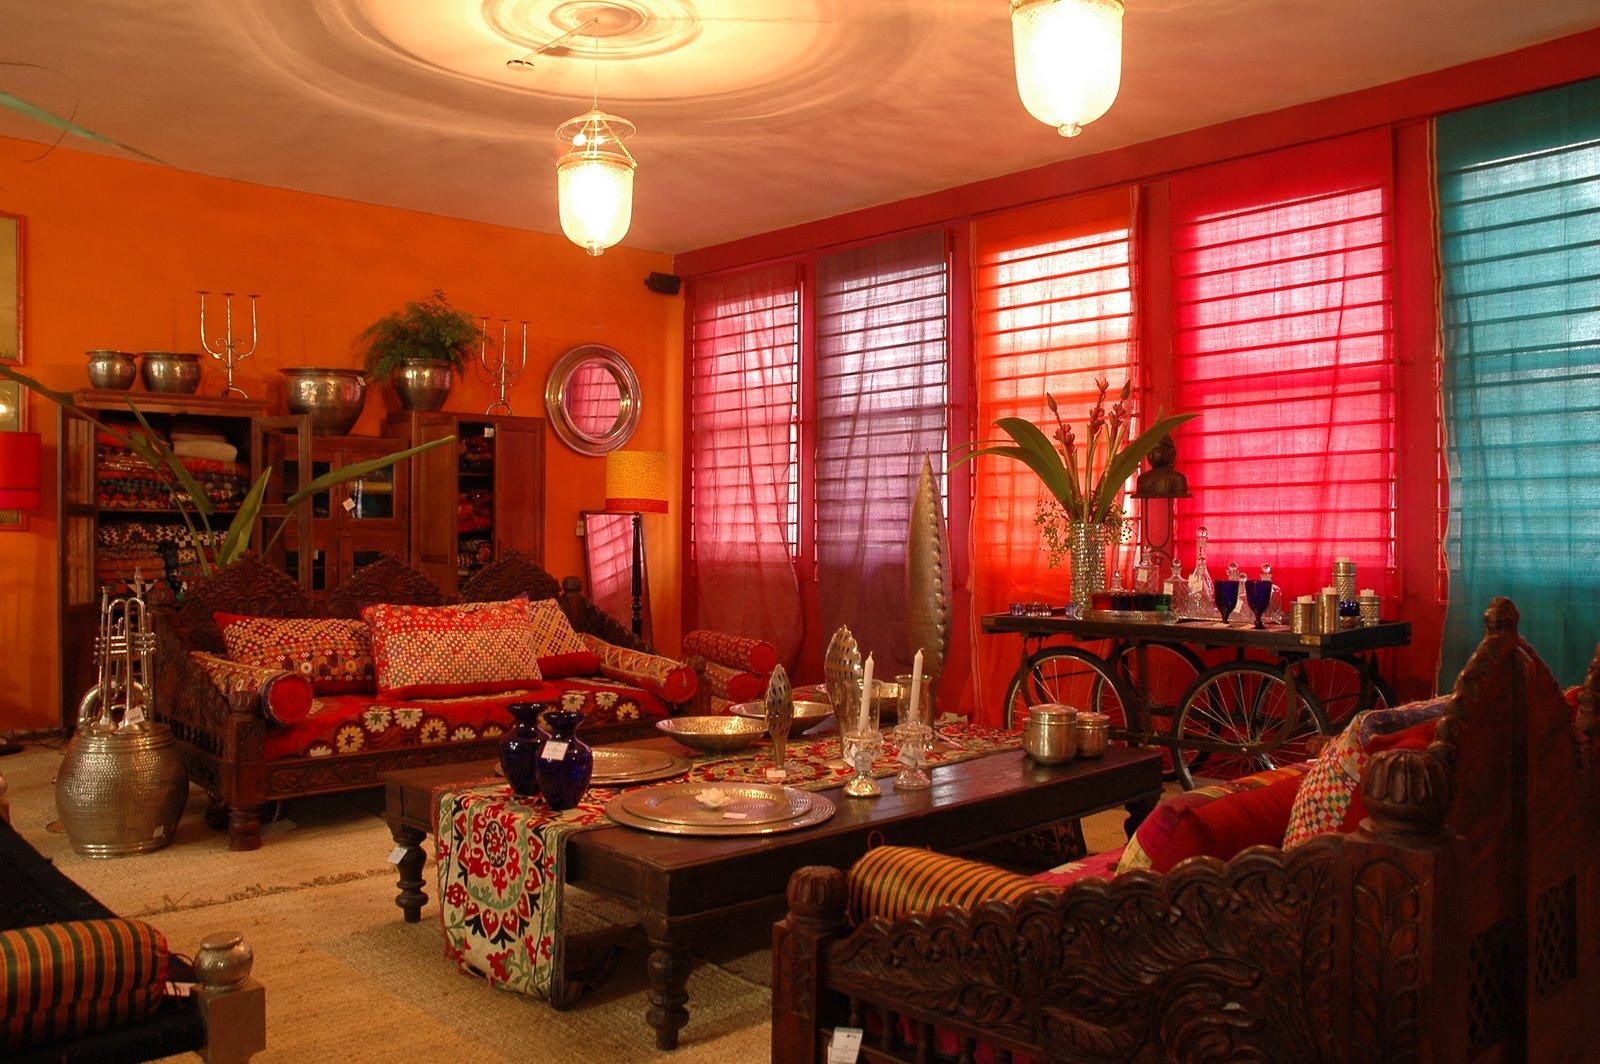 decoracao de interiores estilo oriental:Indian Decoration